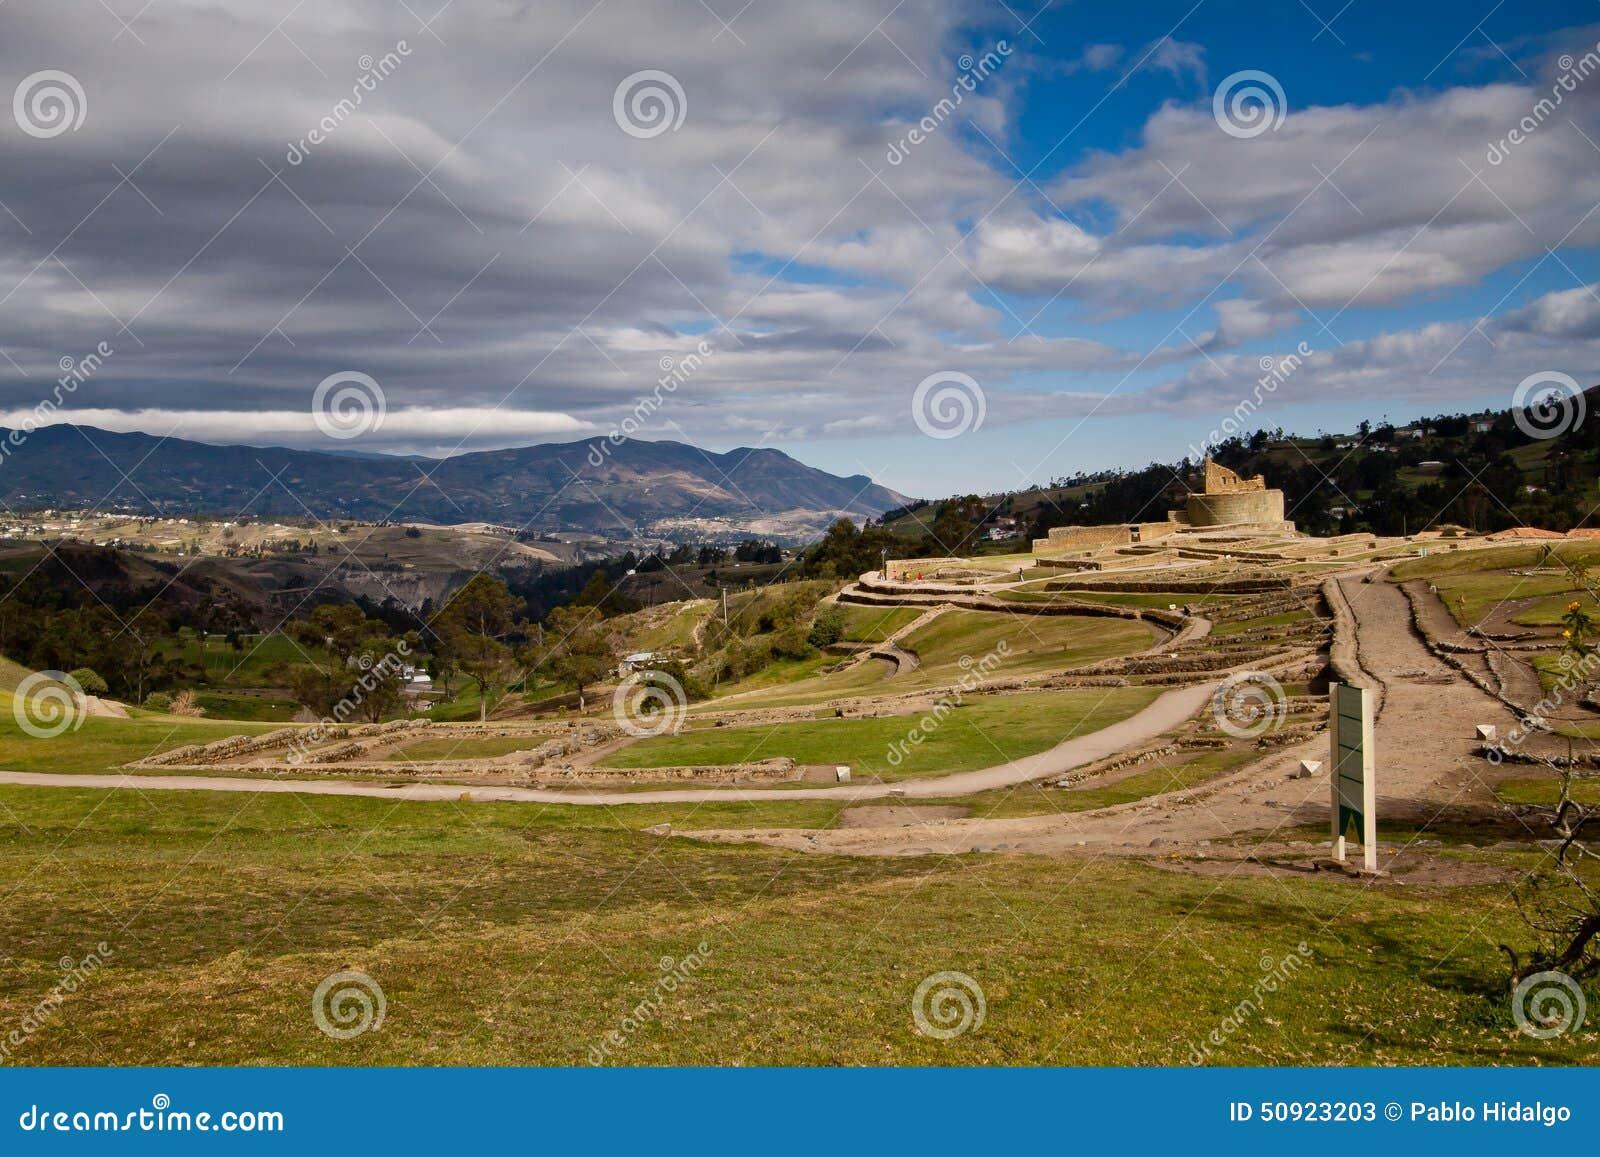 Tiro del paisaje de las ruinas importantes del inca de Ingapirca